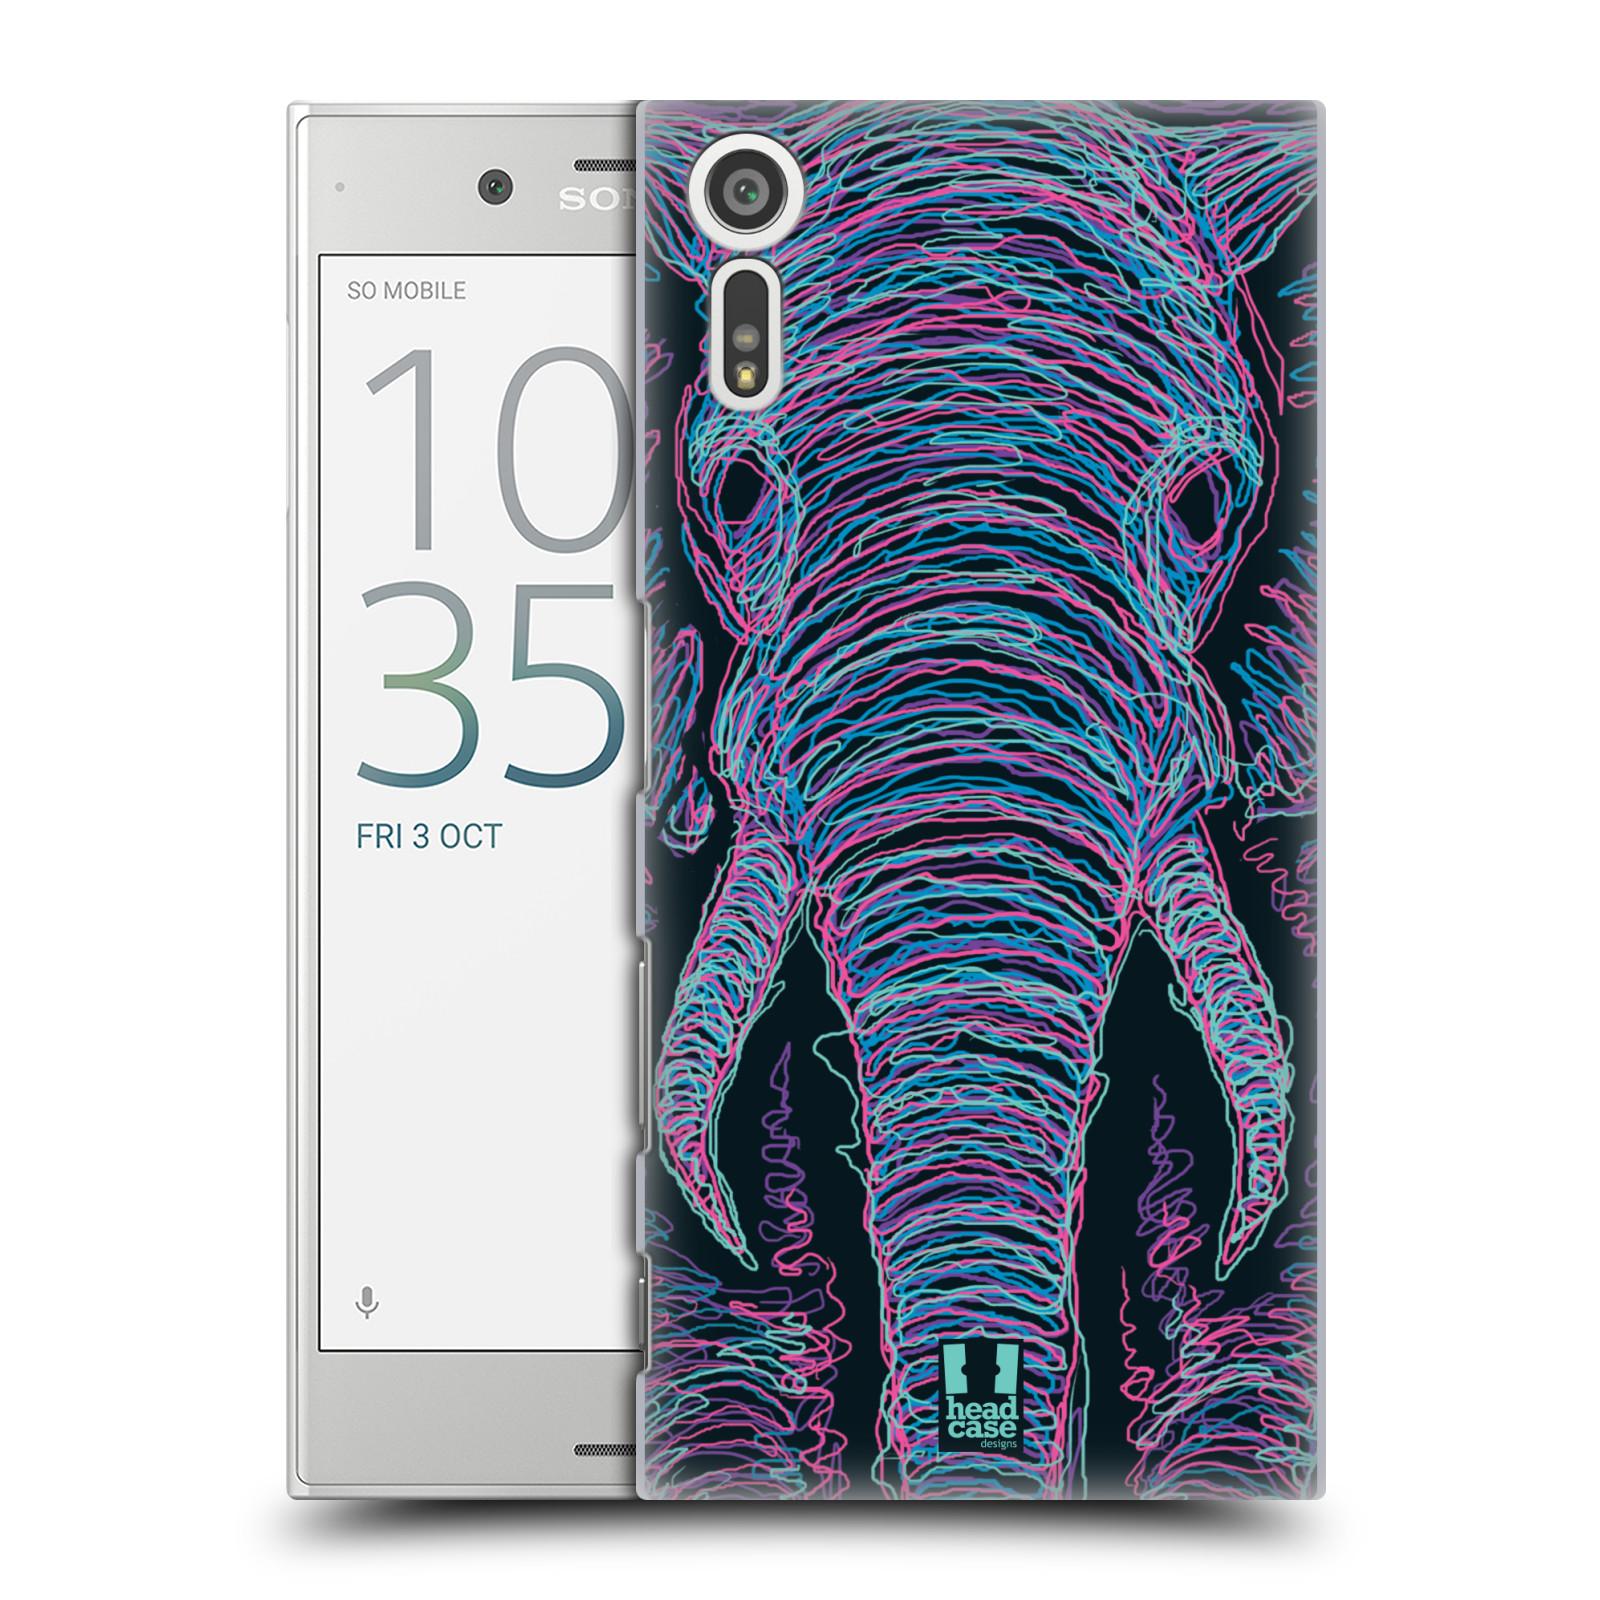 HEAD CASE plastový obal na mobil Sony Xperia XZ vzor zvíře čmáranice slon